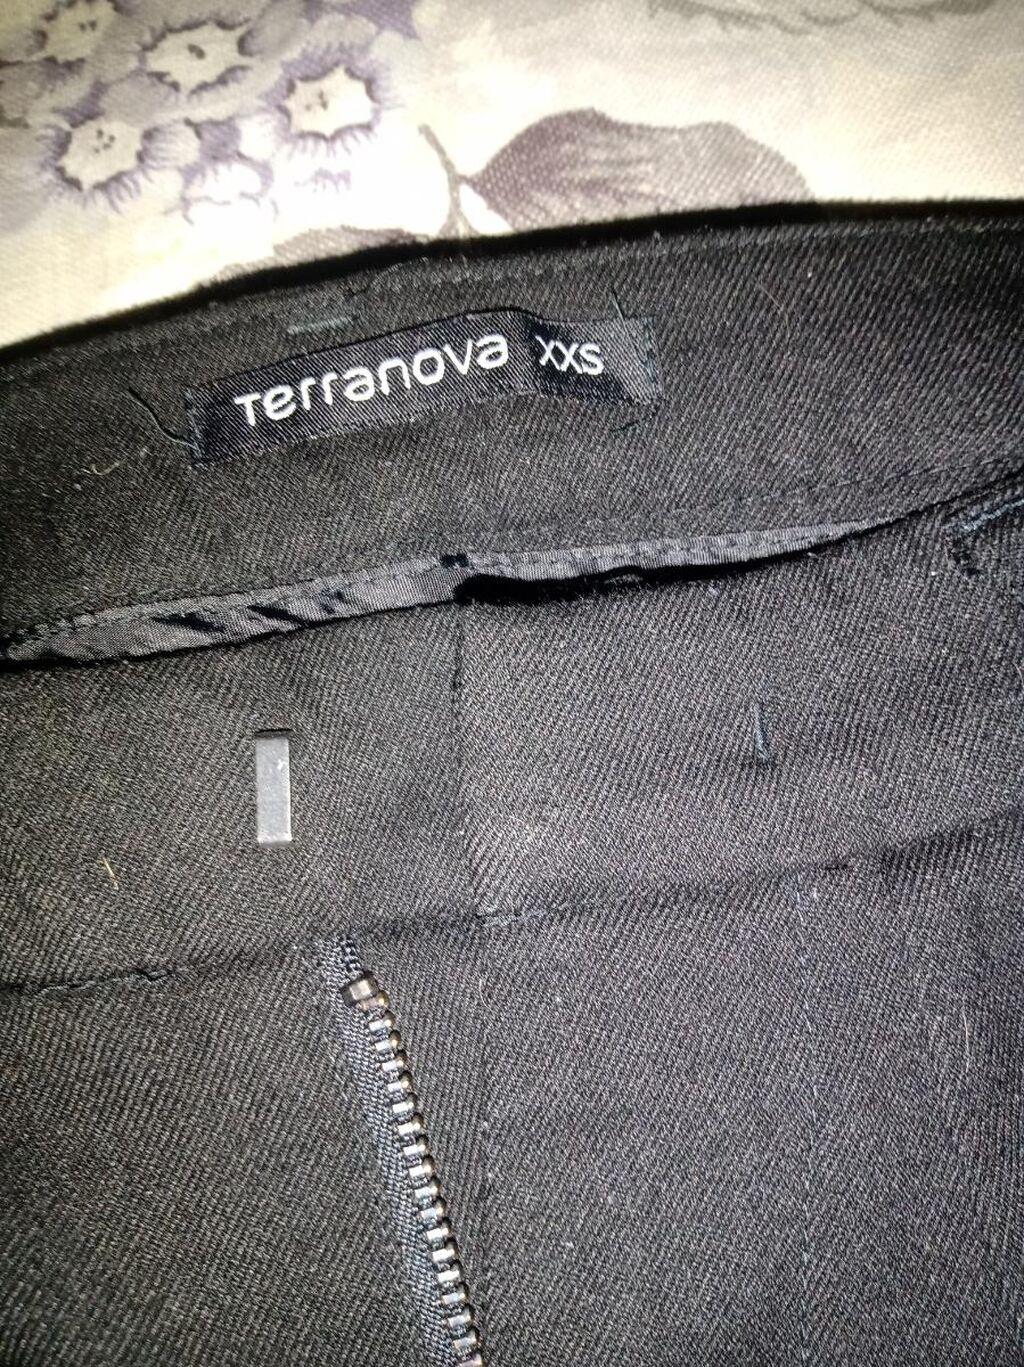 Teranova pantalone xs moze i s vel ocuvane